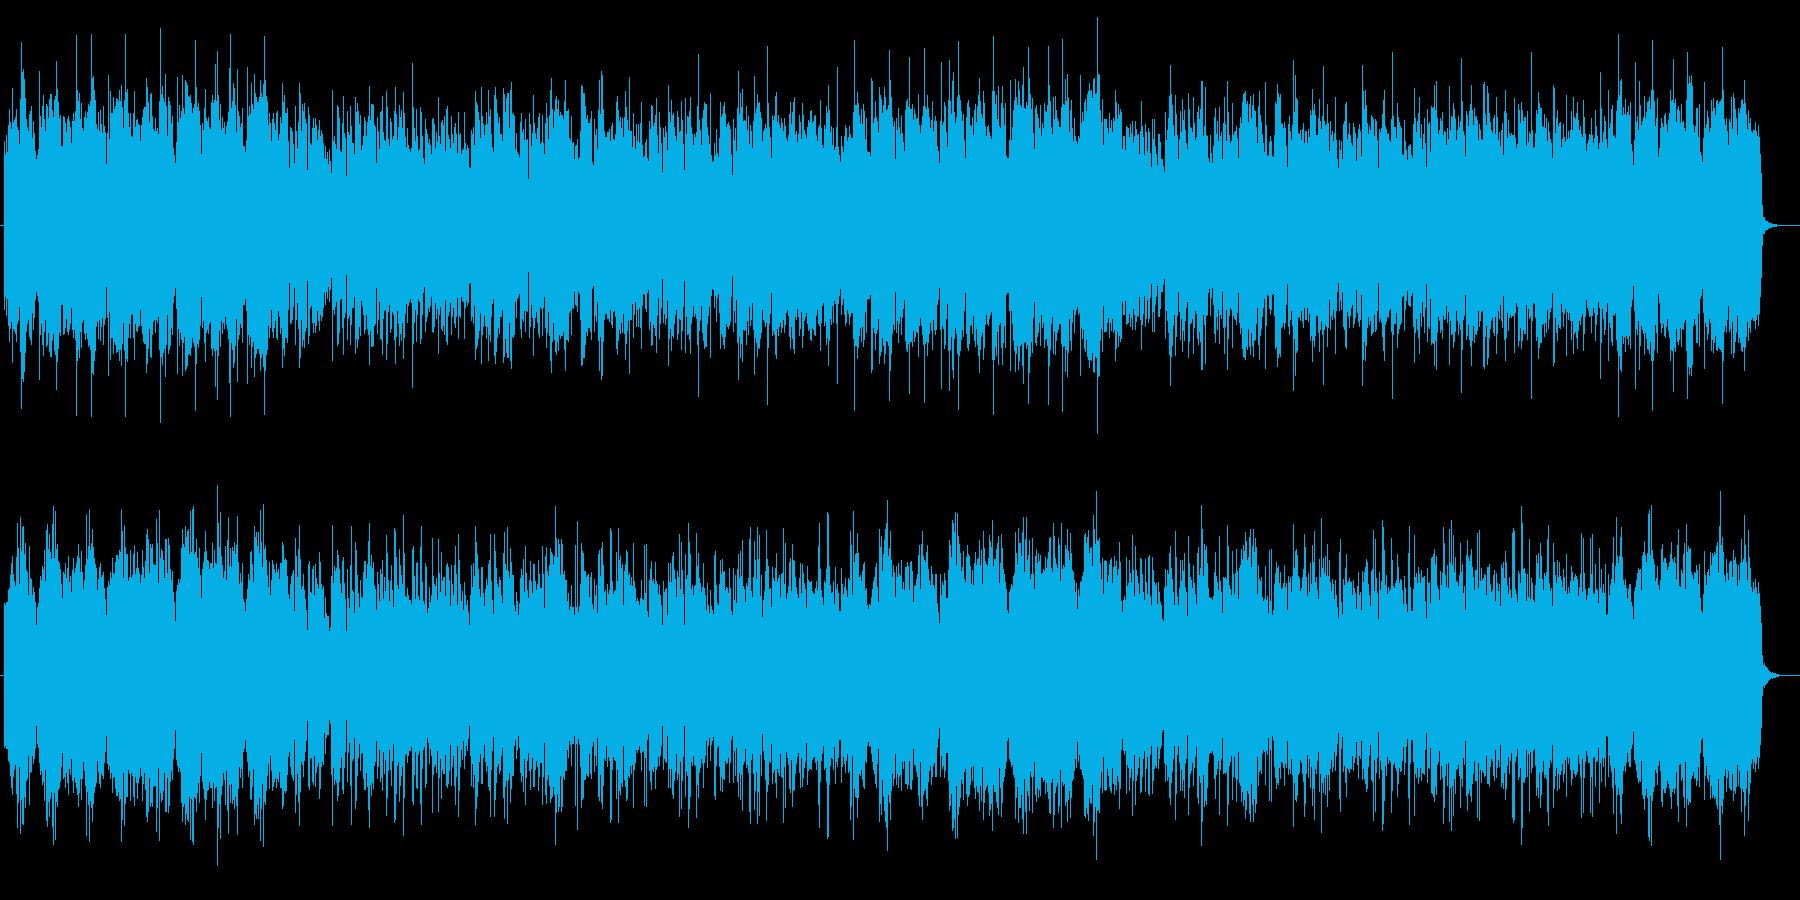 優しく可愛いシンセサイザーサウンドの再生済みの波形